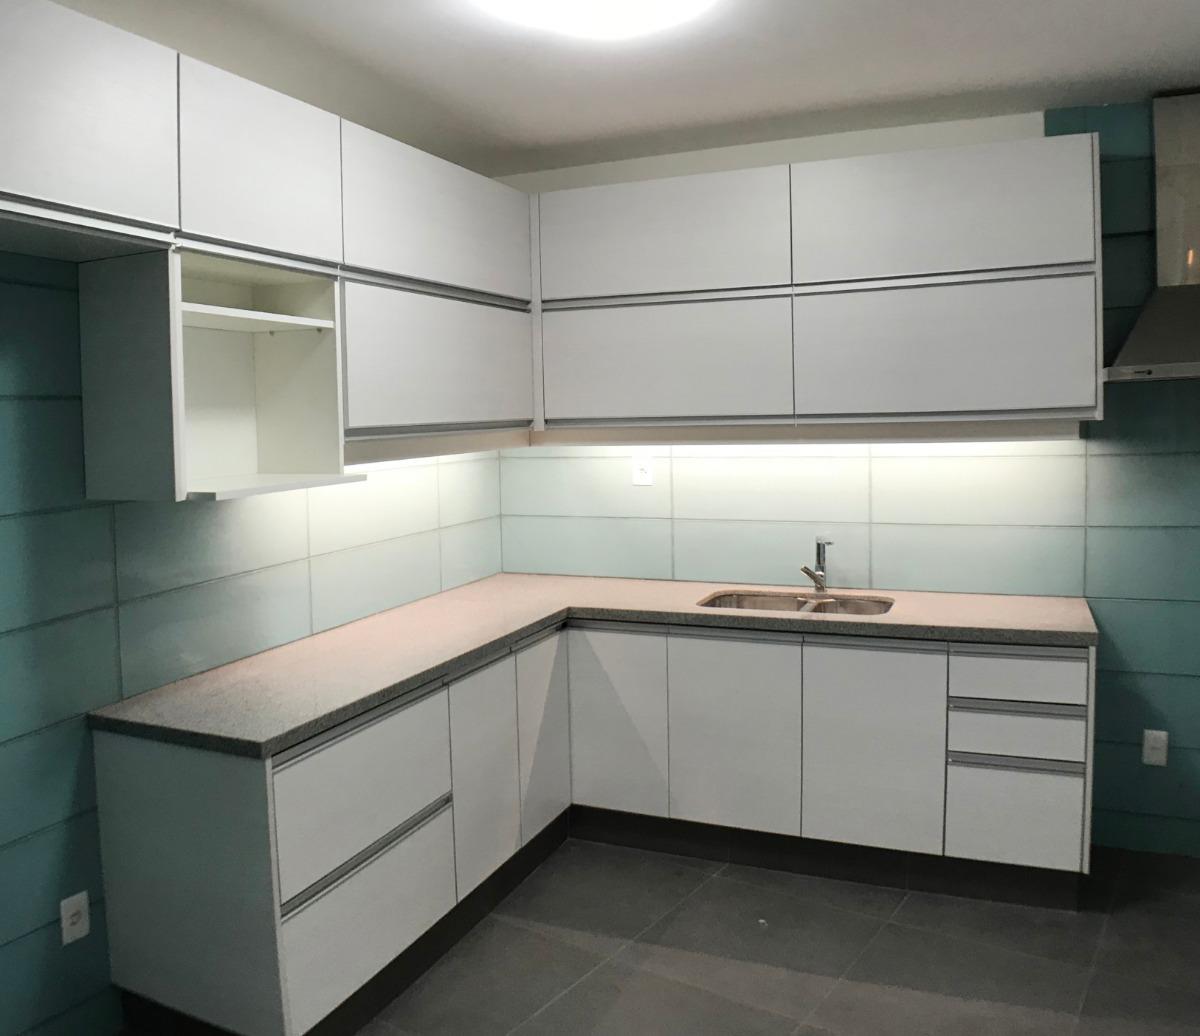 Muebles de cocina a medida 5 a os de garant a for Muebles a medida de cocina